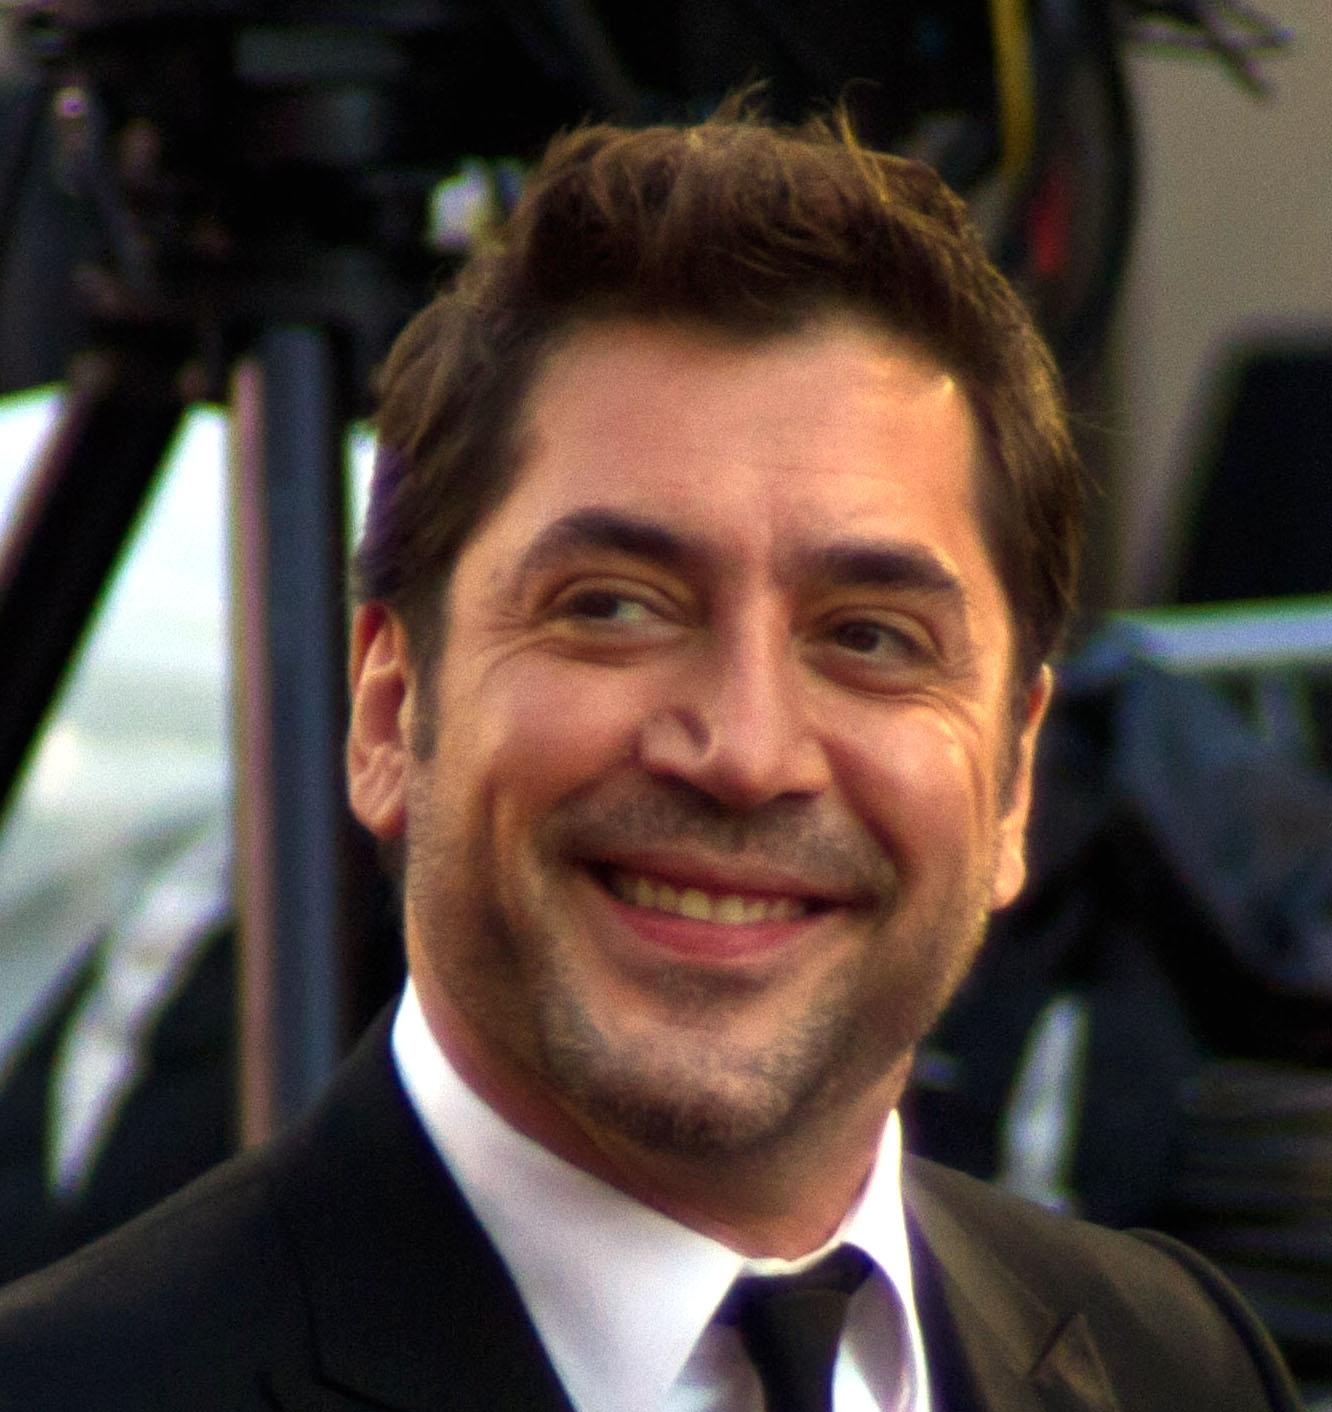 http://2.bp.blogspot.com/-QCNi_NfkqjM/UJ-wfSb4mAI/AAAAAAAAEI8/t6VDUm52D0w/s1600/Javier_Bardem_2011_AA.jpg